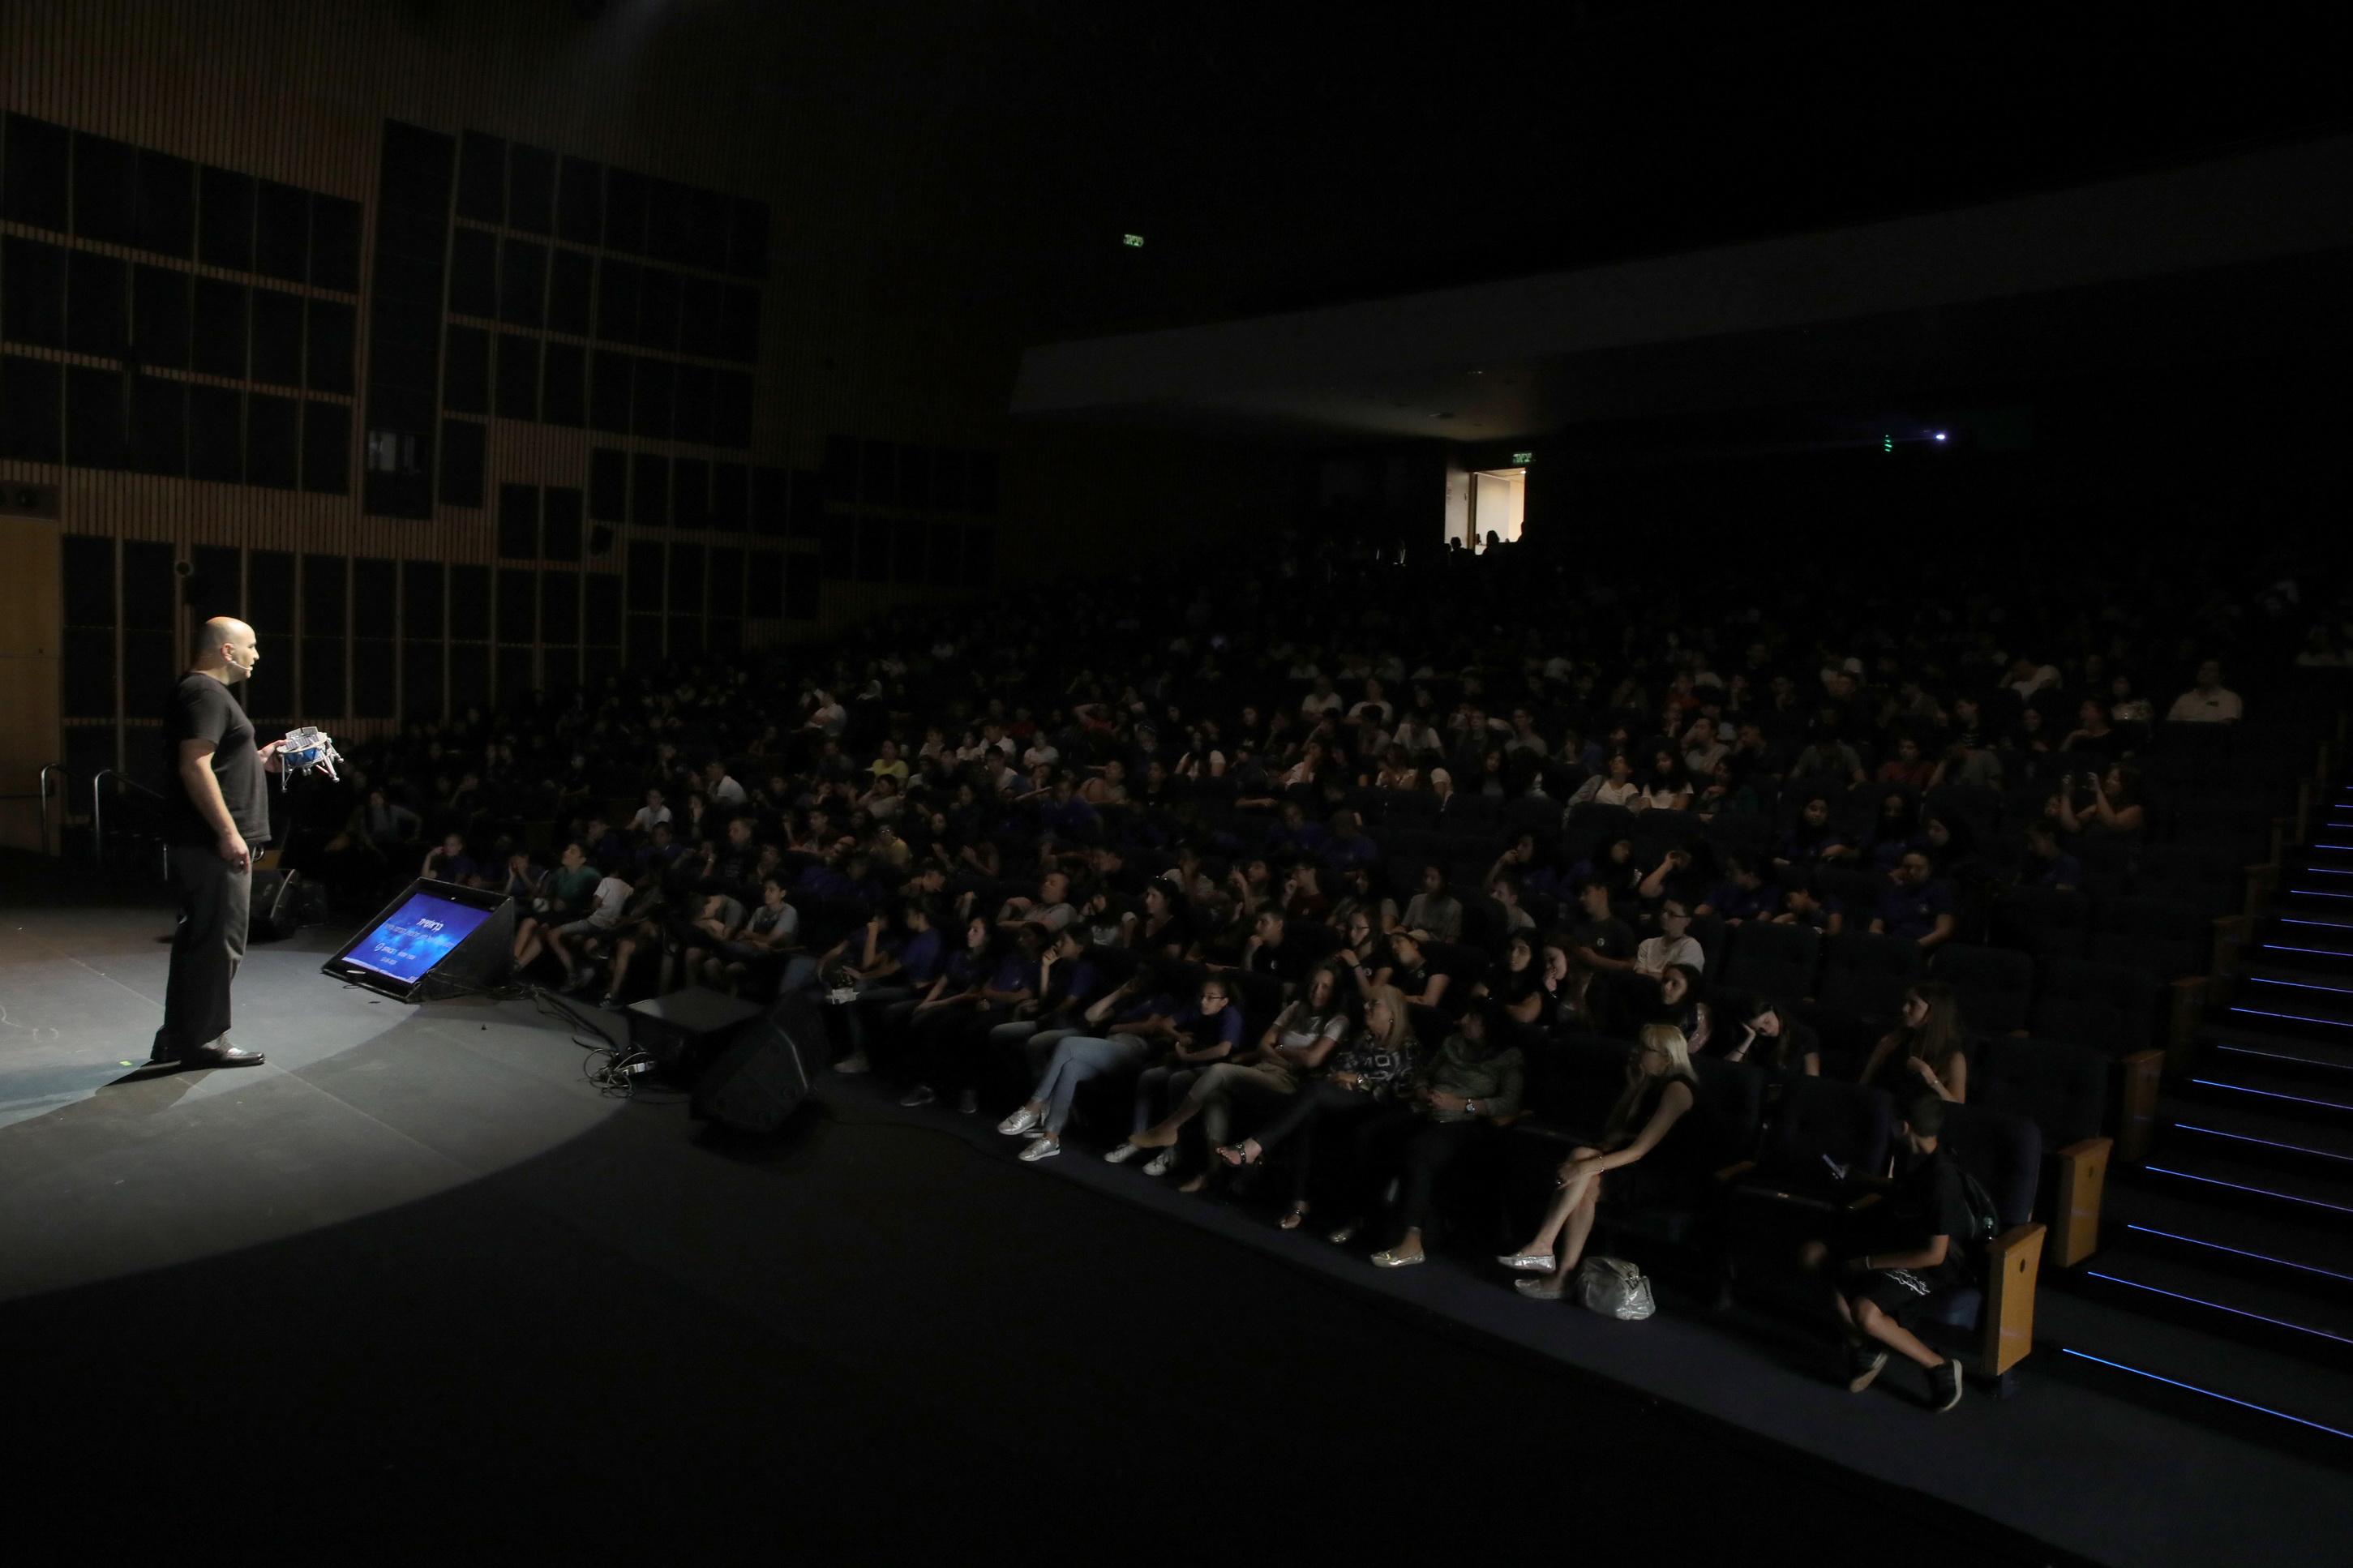 הרצאה של Space.il